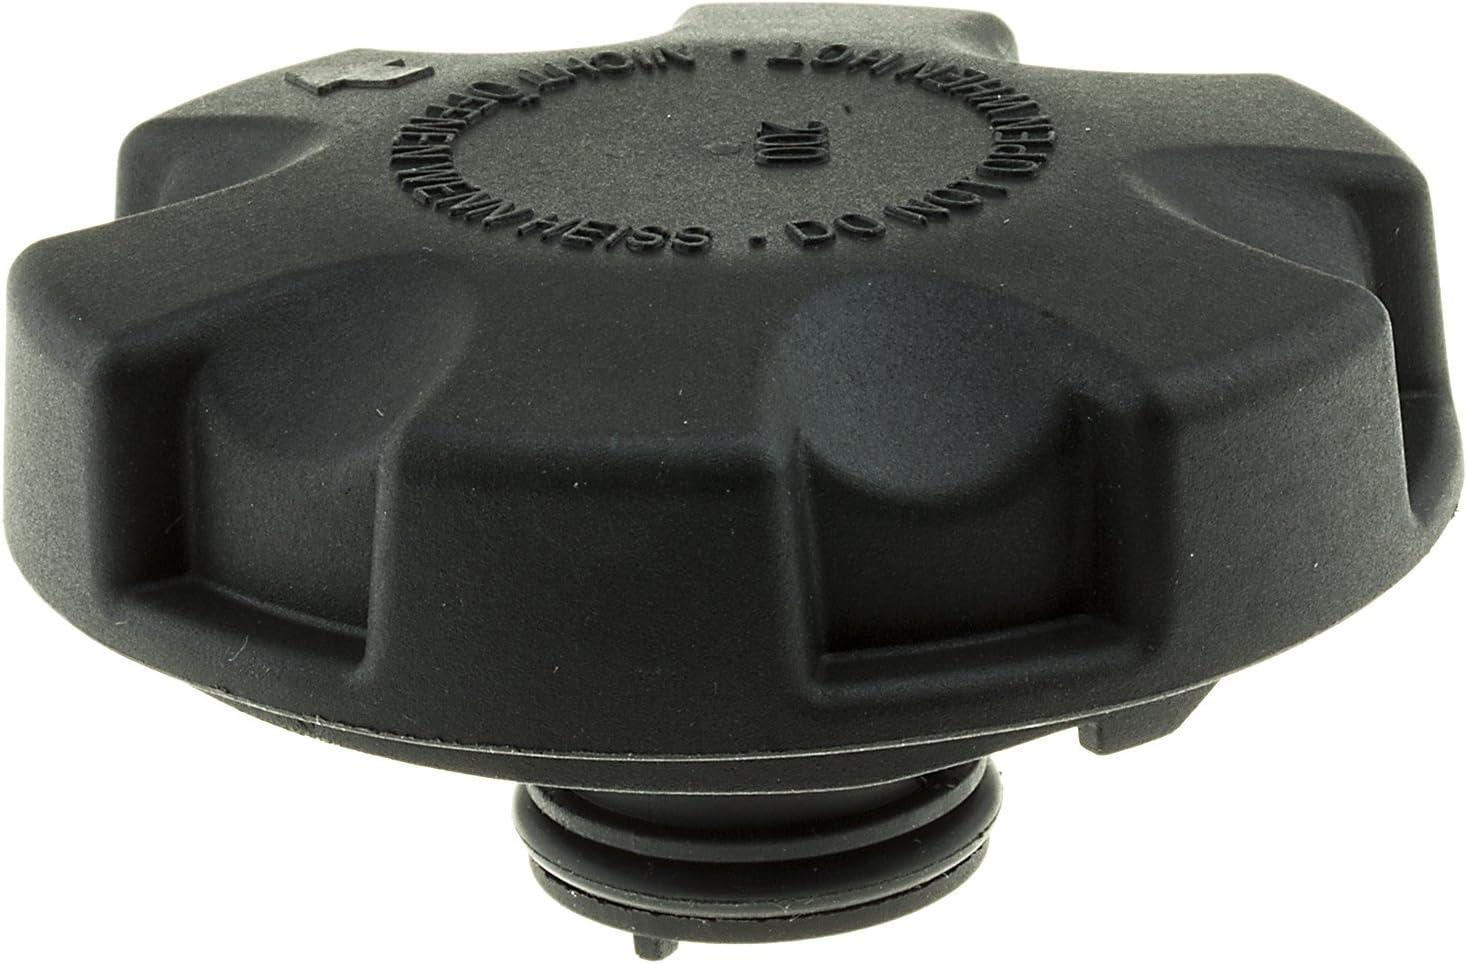 MotoRad T-65 Radiator Cap